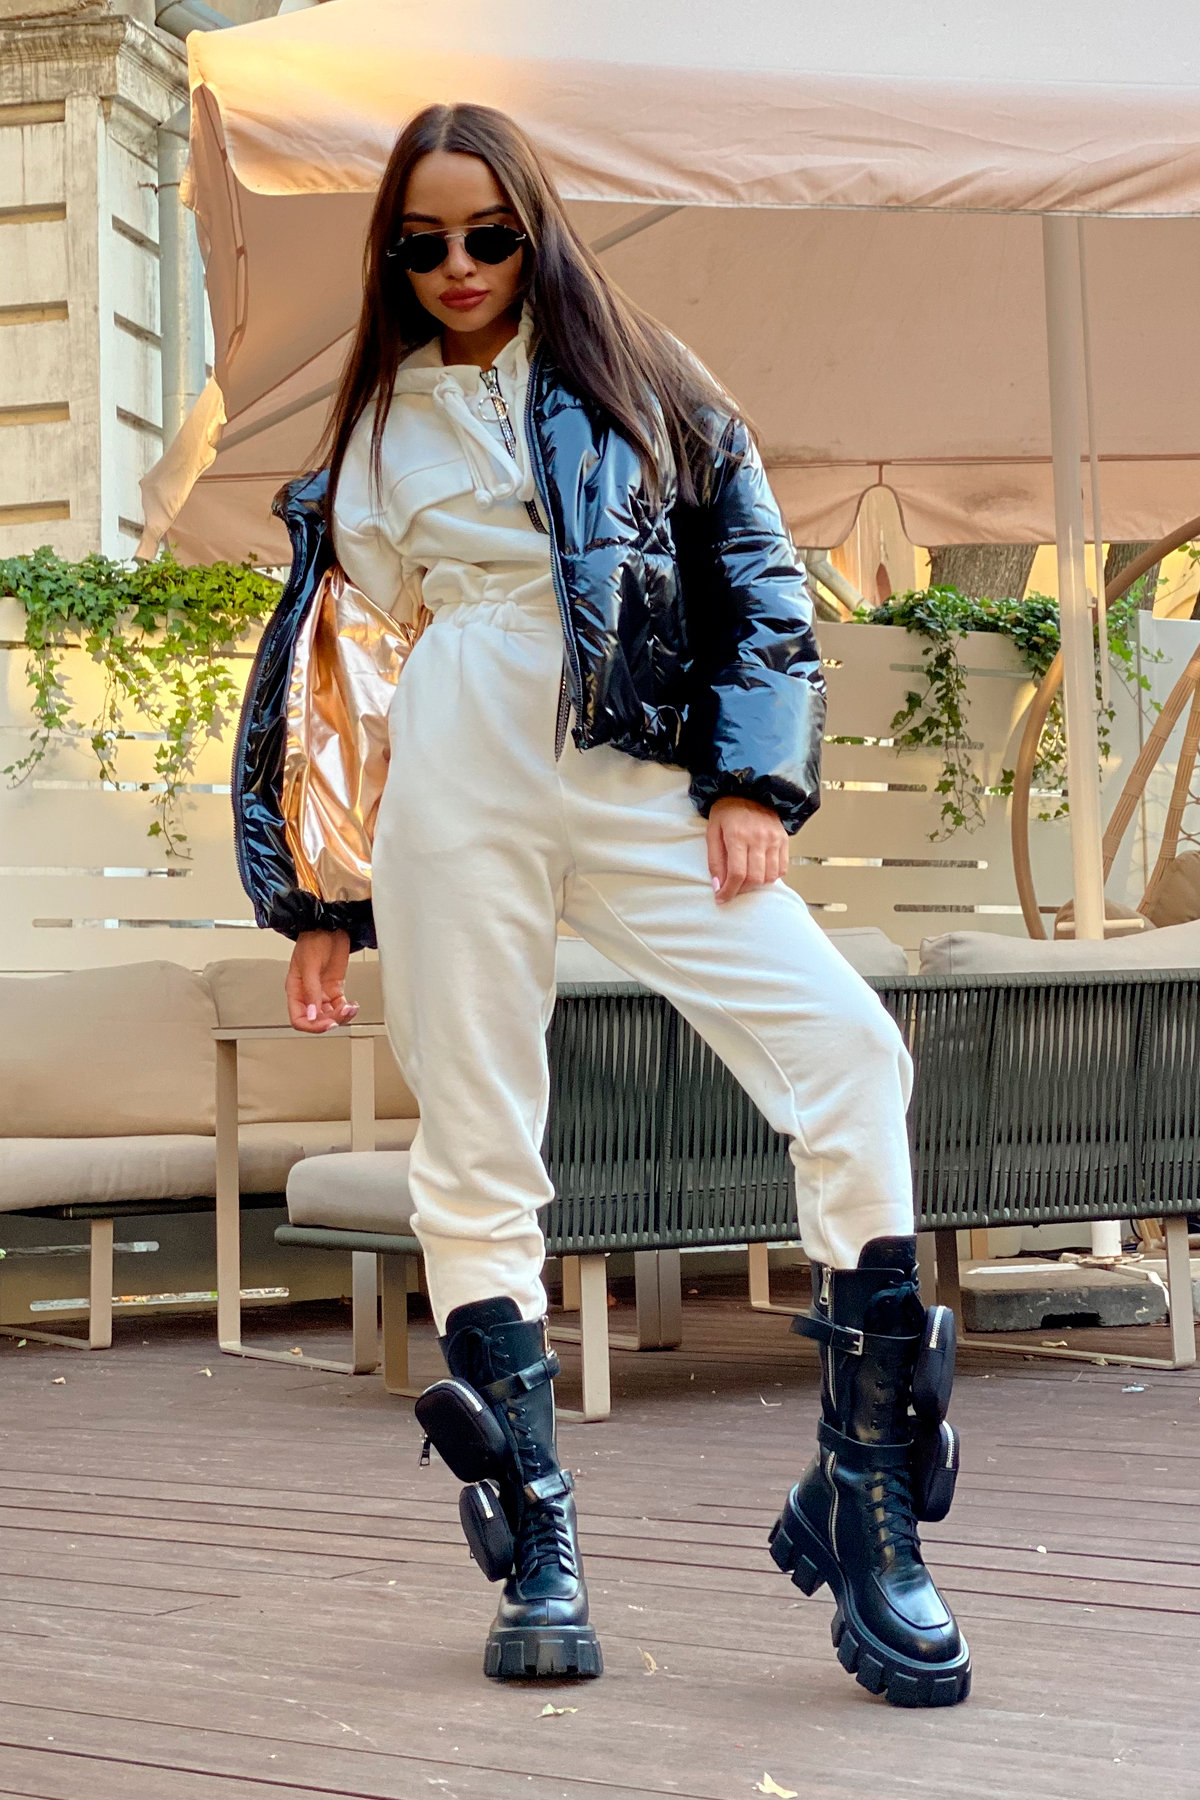 Куртка Драйв 8989 АРТ. 45299 Цвет: Черный - фото 19, интернет магазин tm-modus.ru